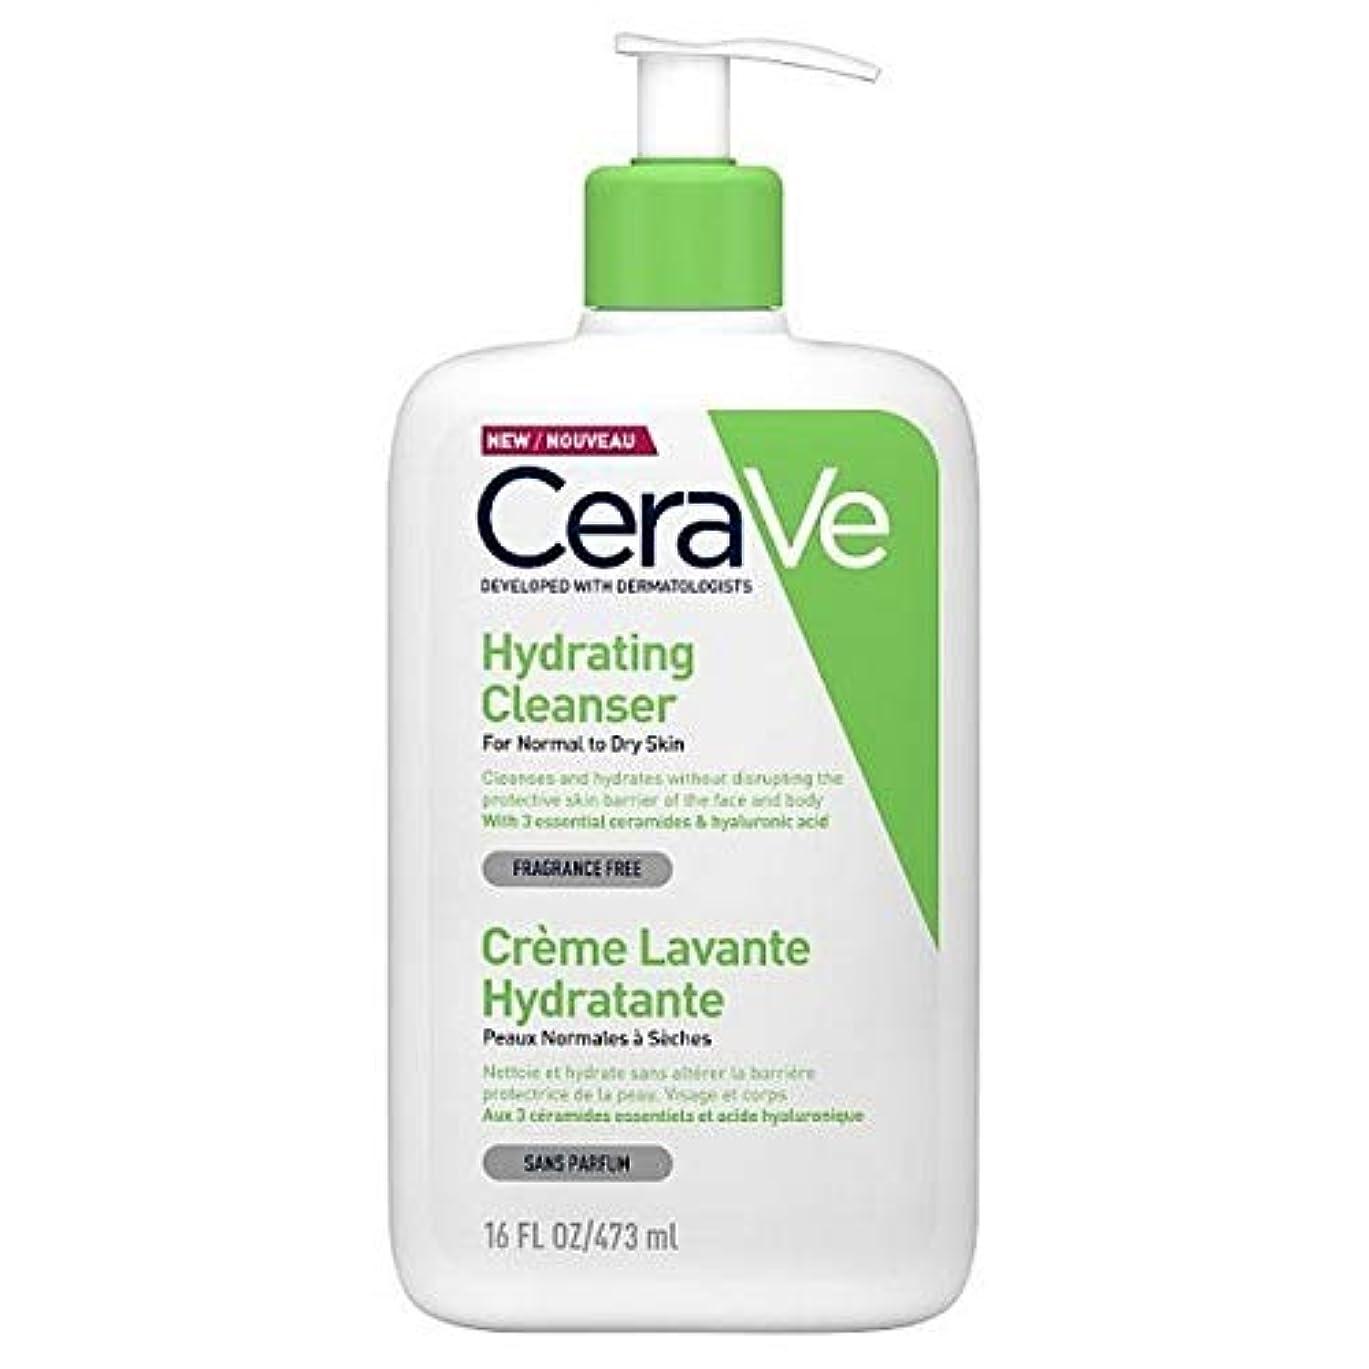 メジャーノミネート中世の[CeraVe] Cerave水和クレンザー473ミリリットル - CeraVe Hydrating Cleanser 473ml [並行輸入品]